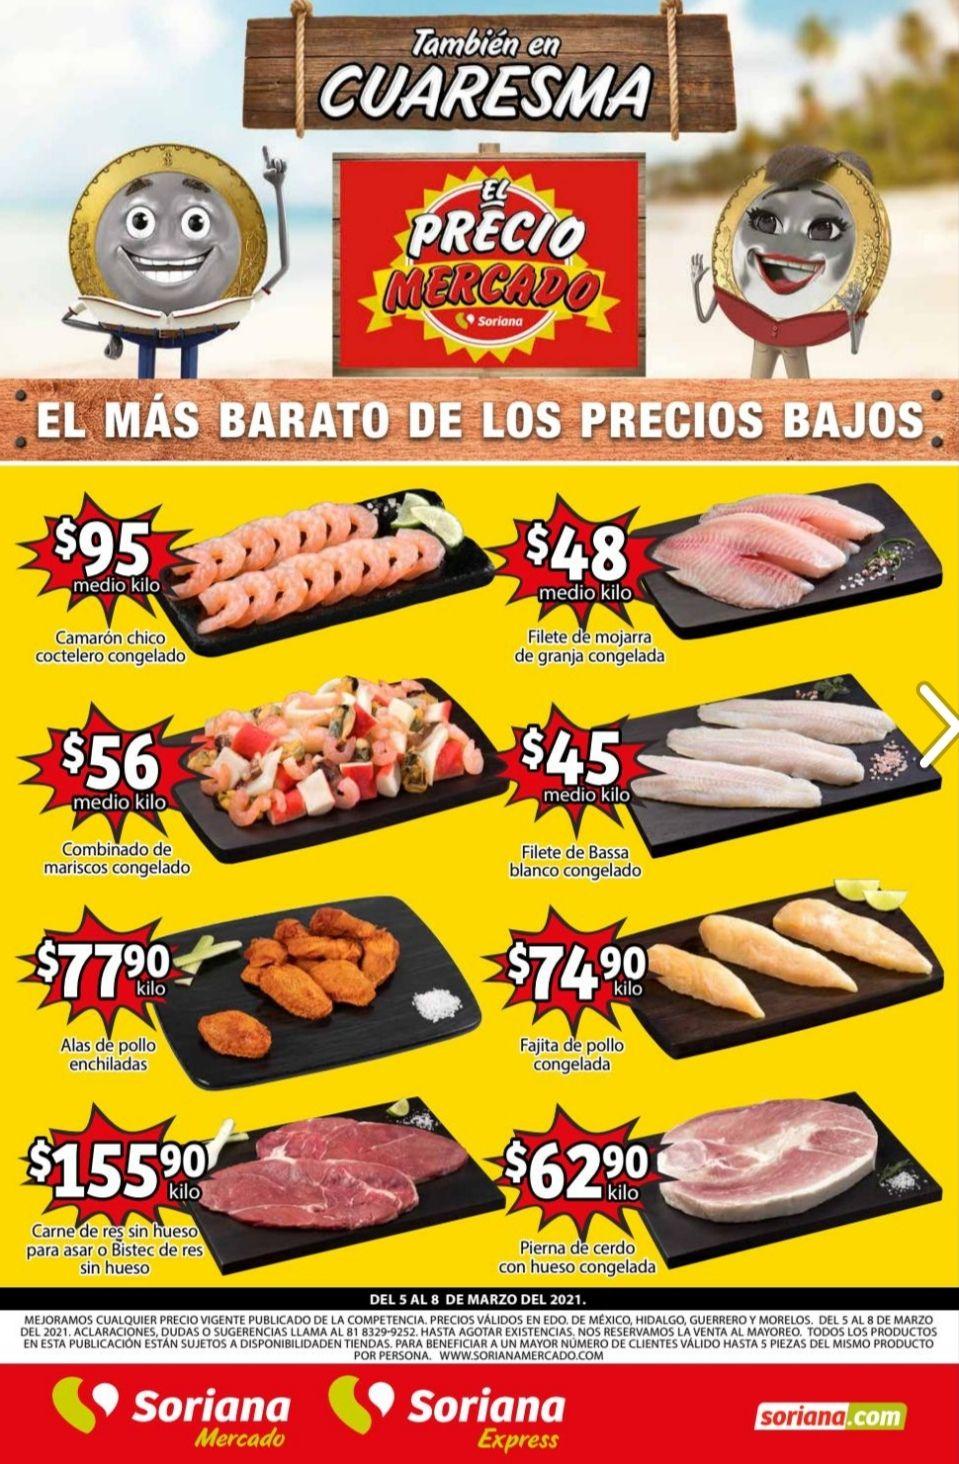 Soriana Mercado y Express: Volante de Ofertas Fin de Semana del Viernes 5 al Lunes 8 de Marzo